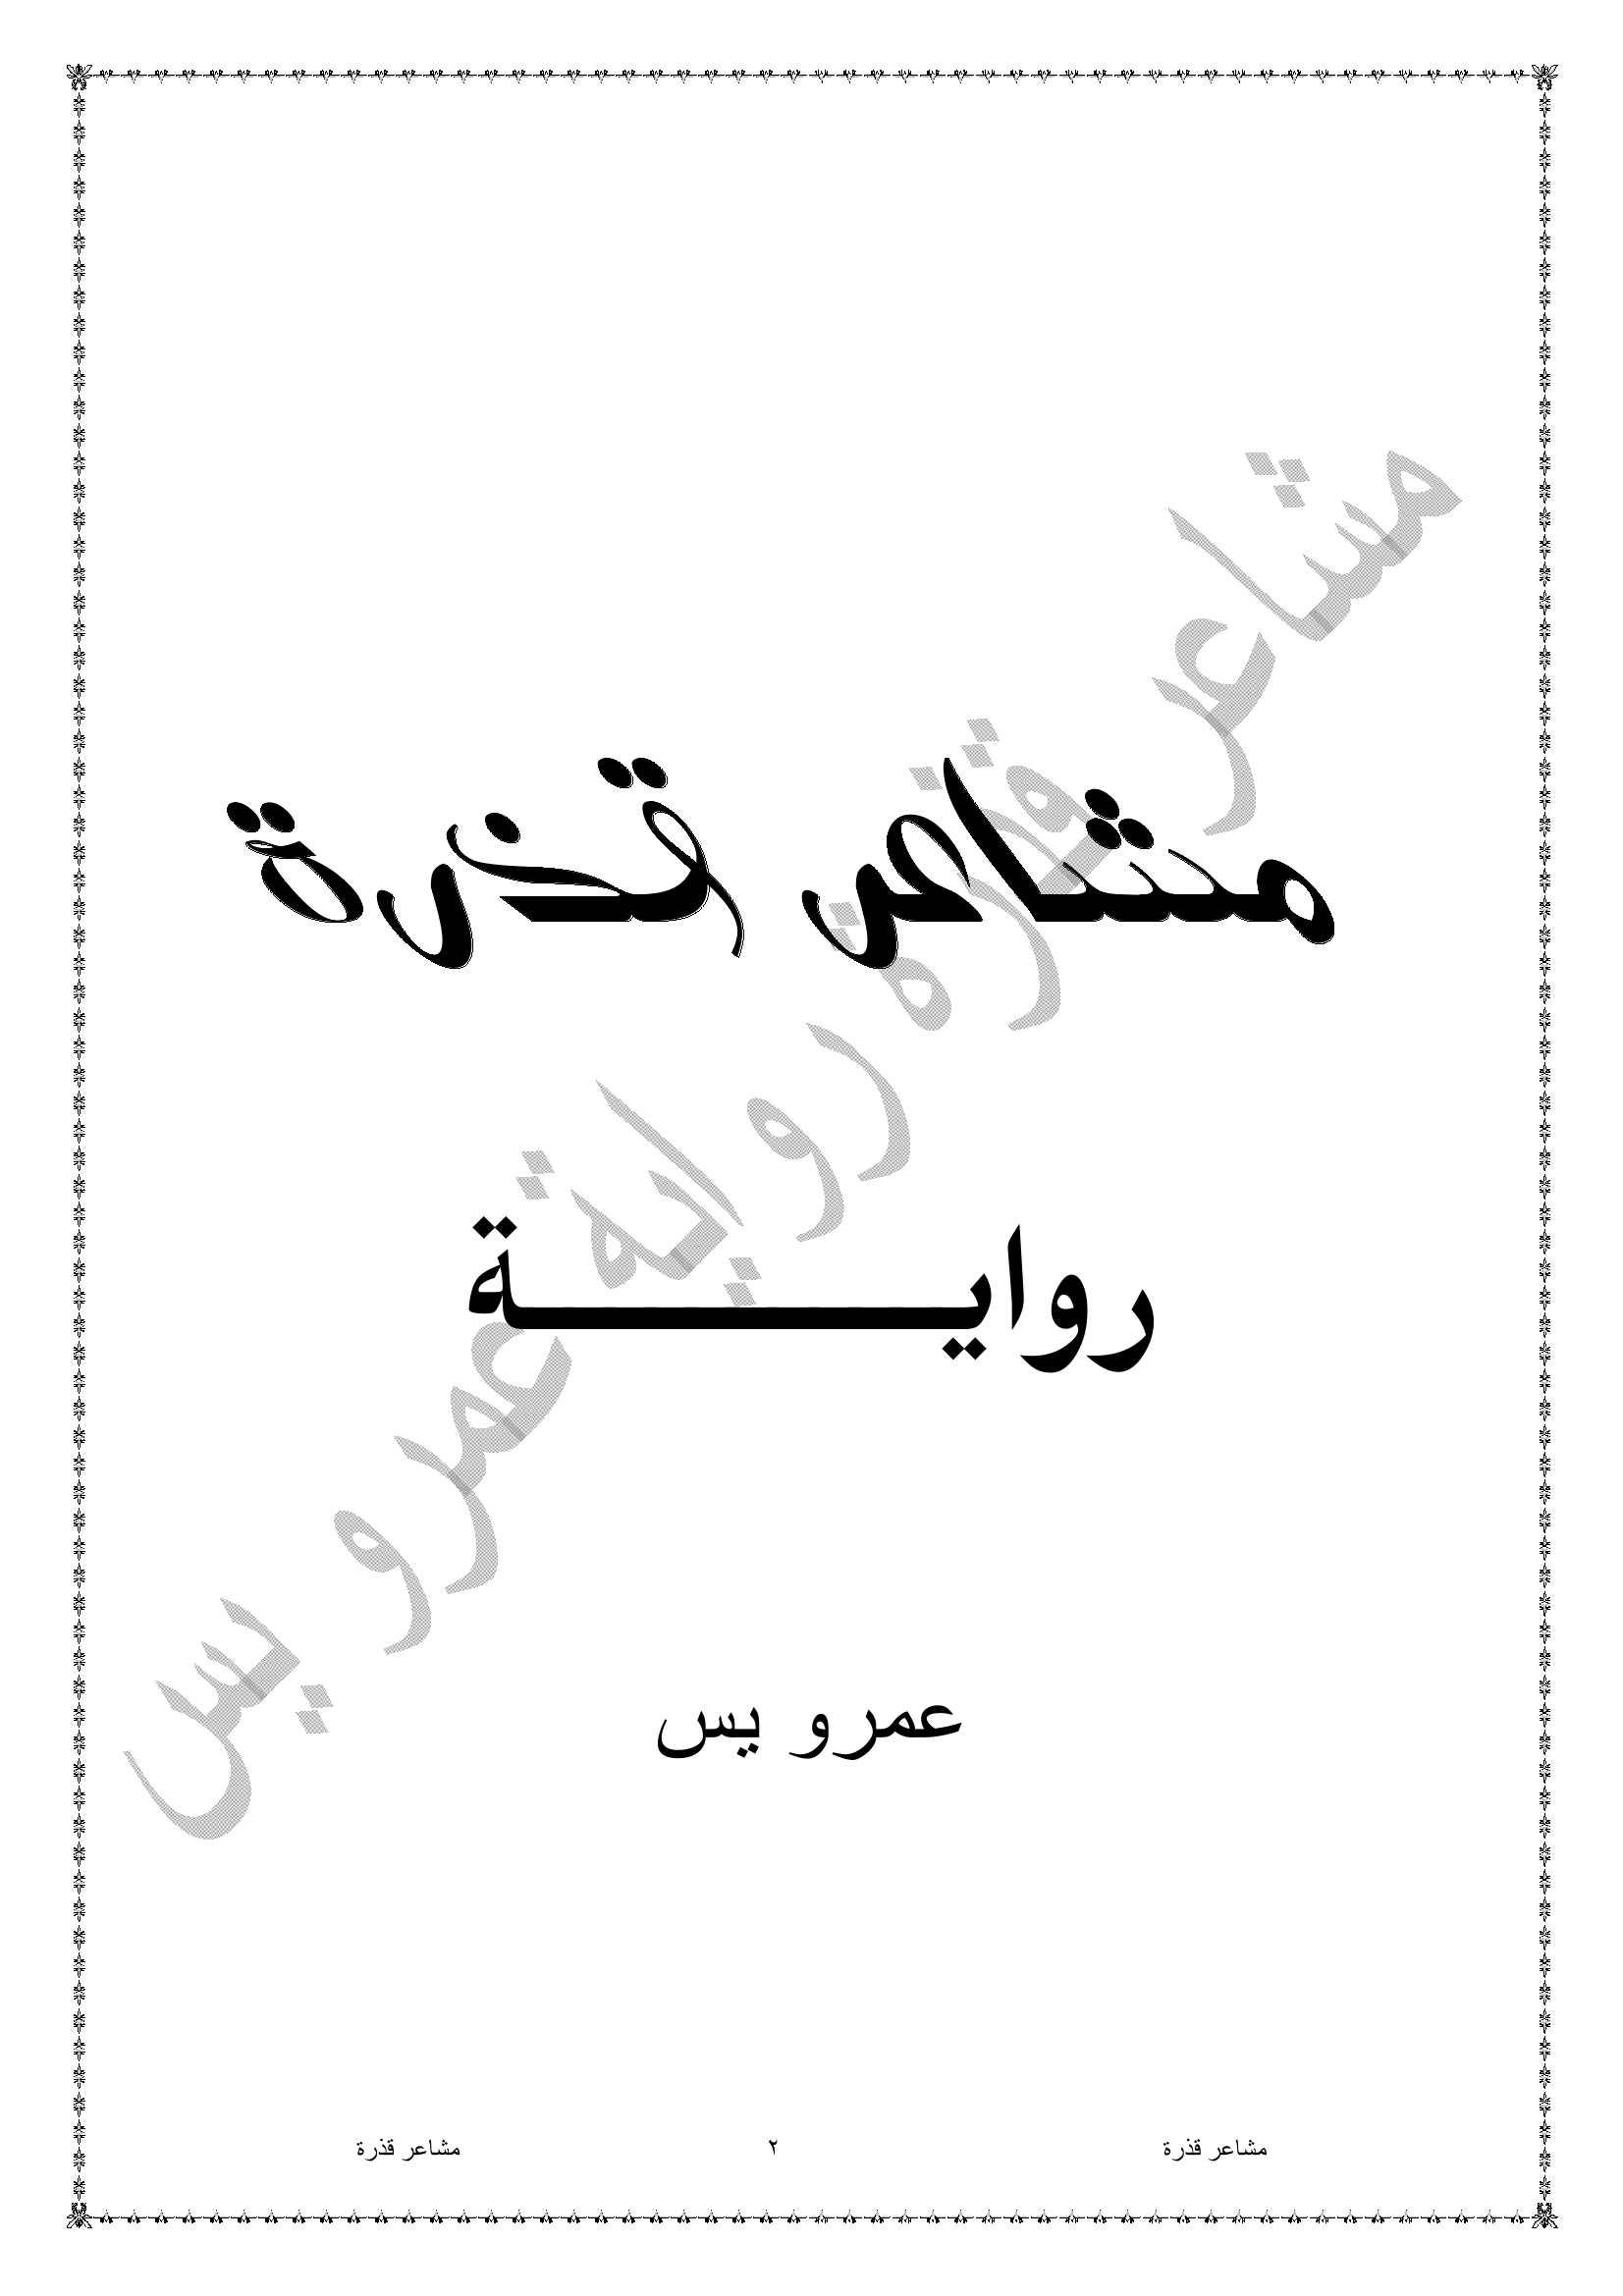 مشاعر قذرة روايتى الاولى عمرو